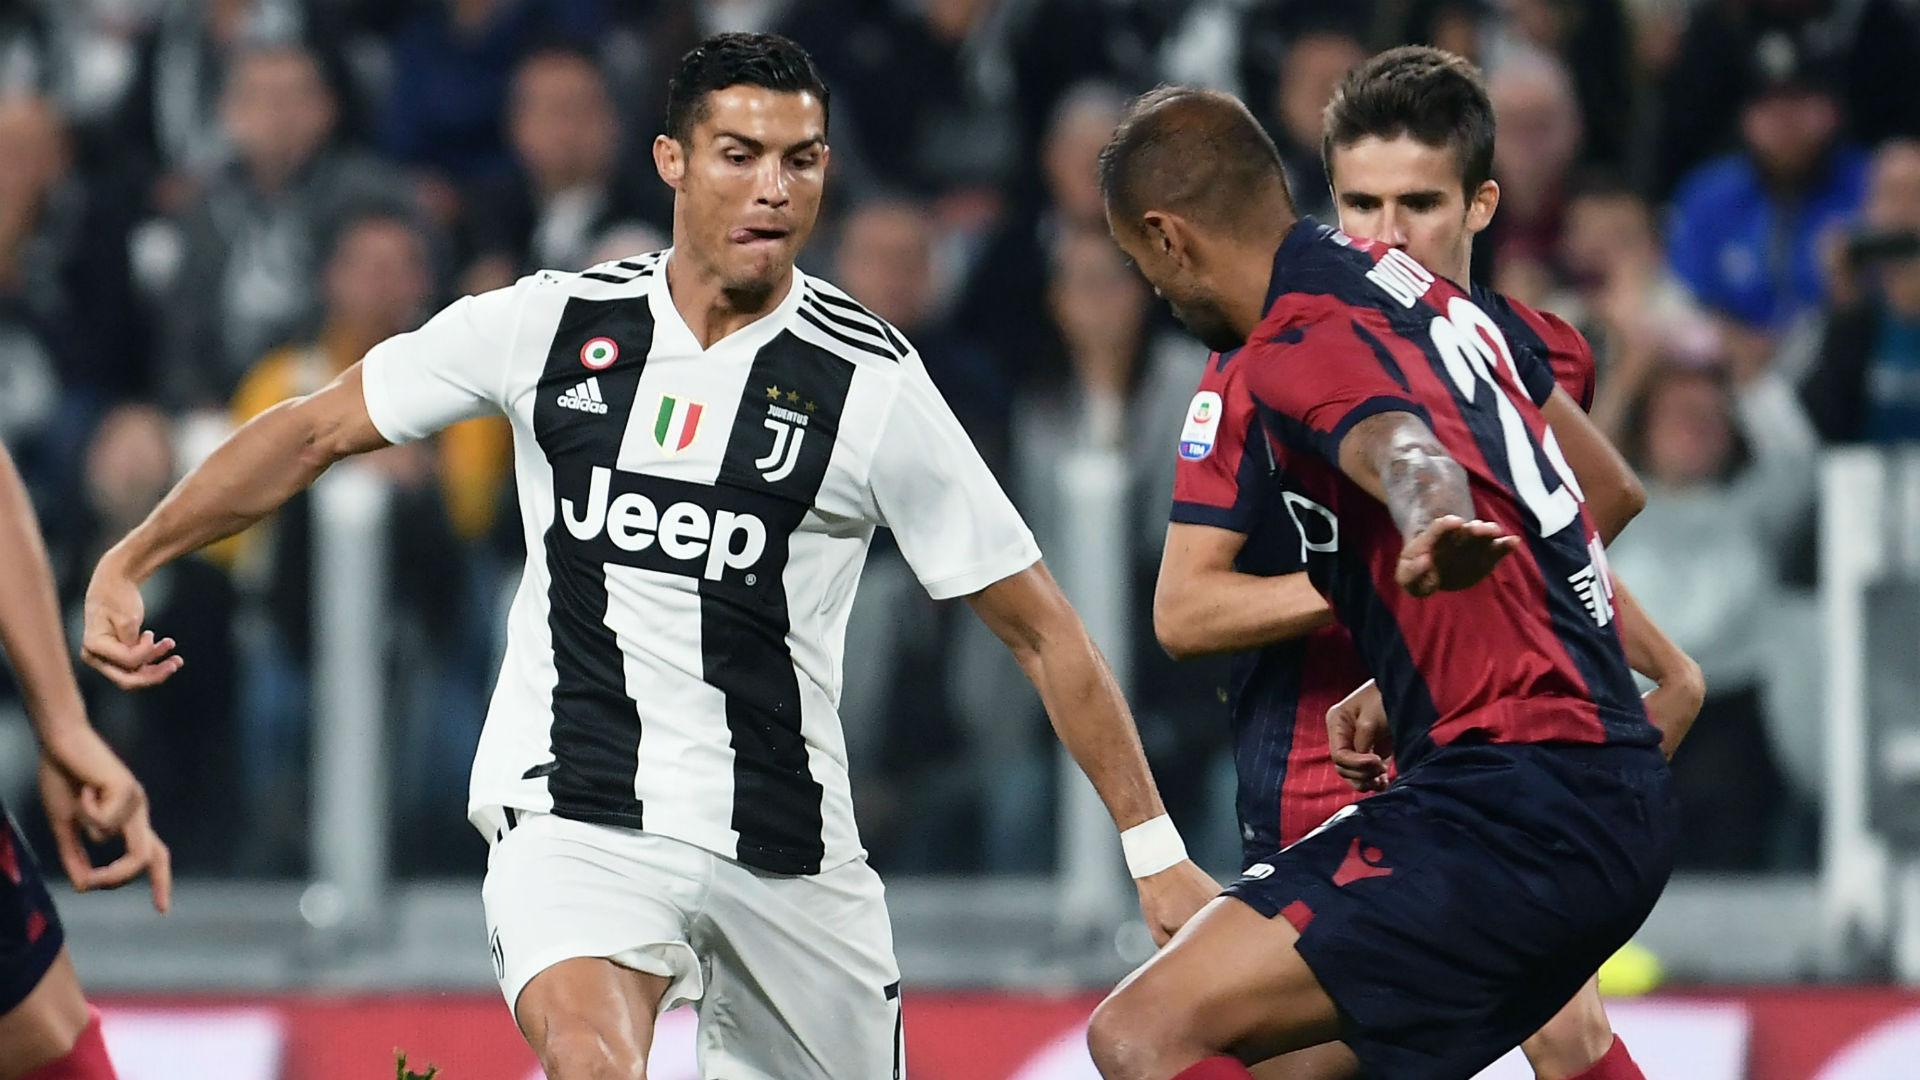 Ronaldo dribbla le accuse di stupro: